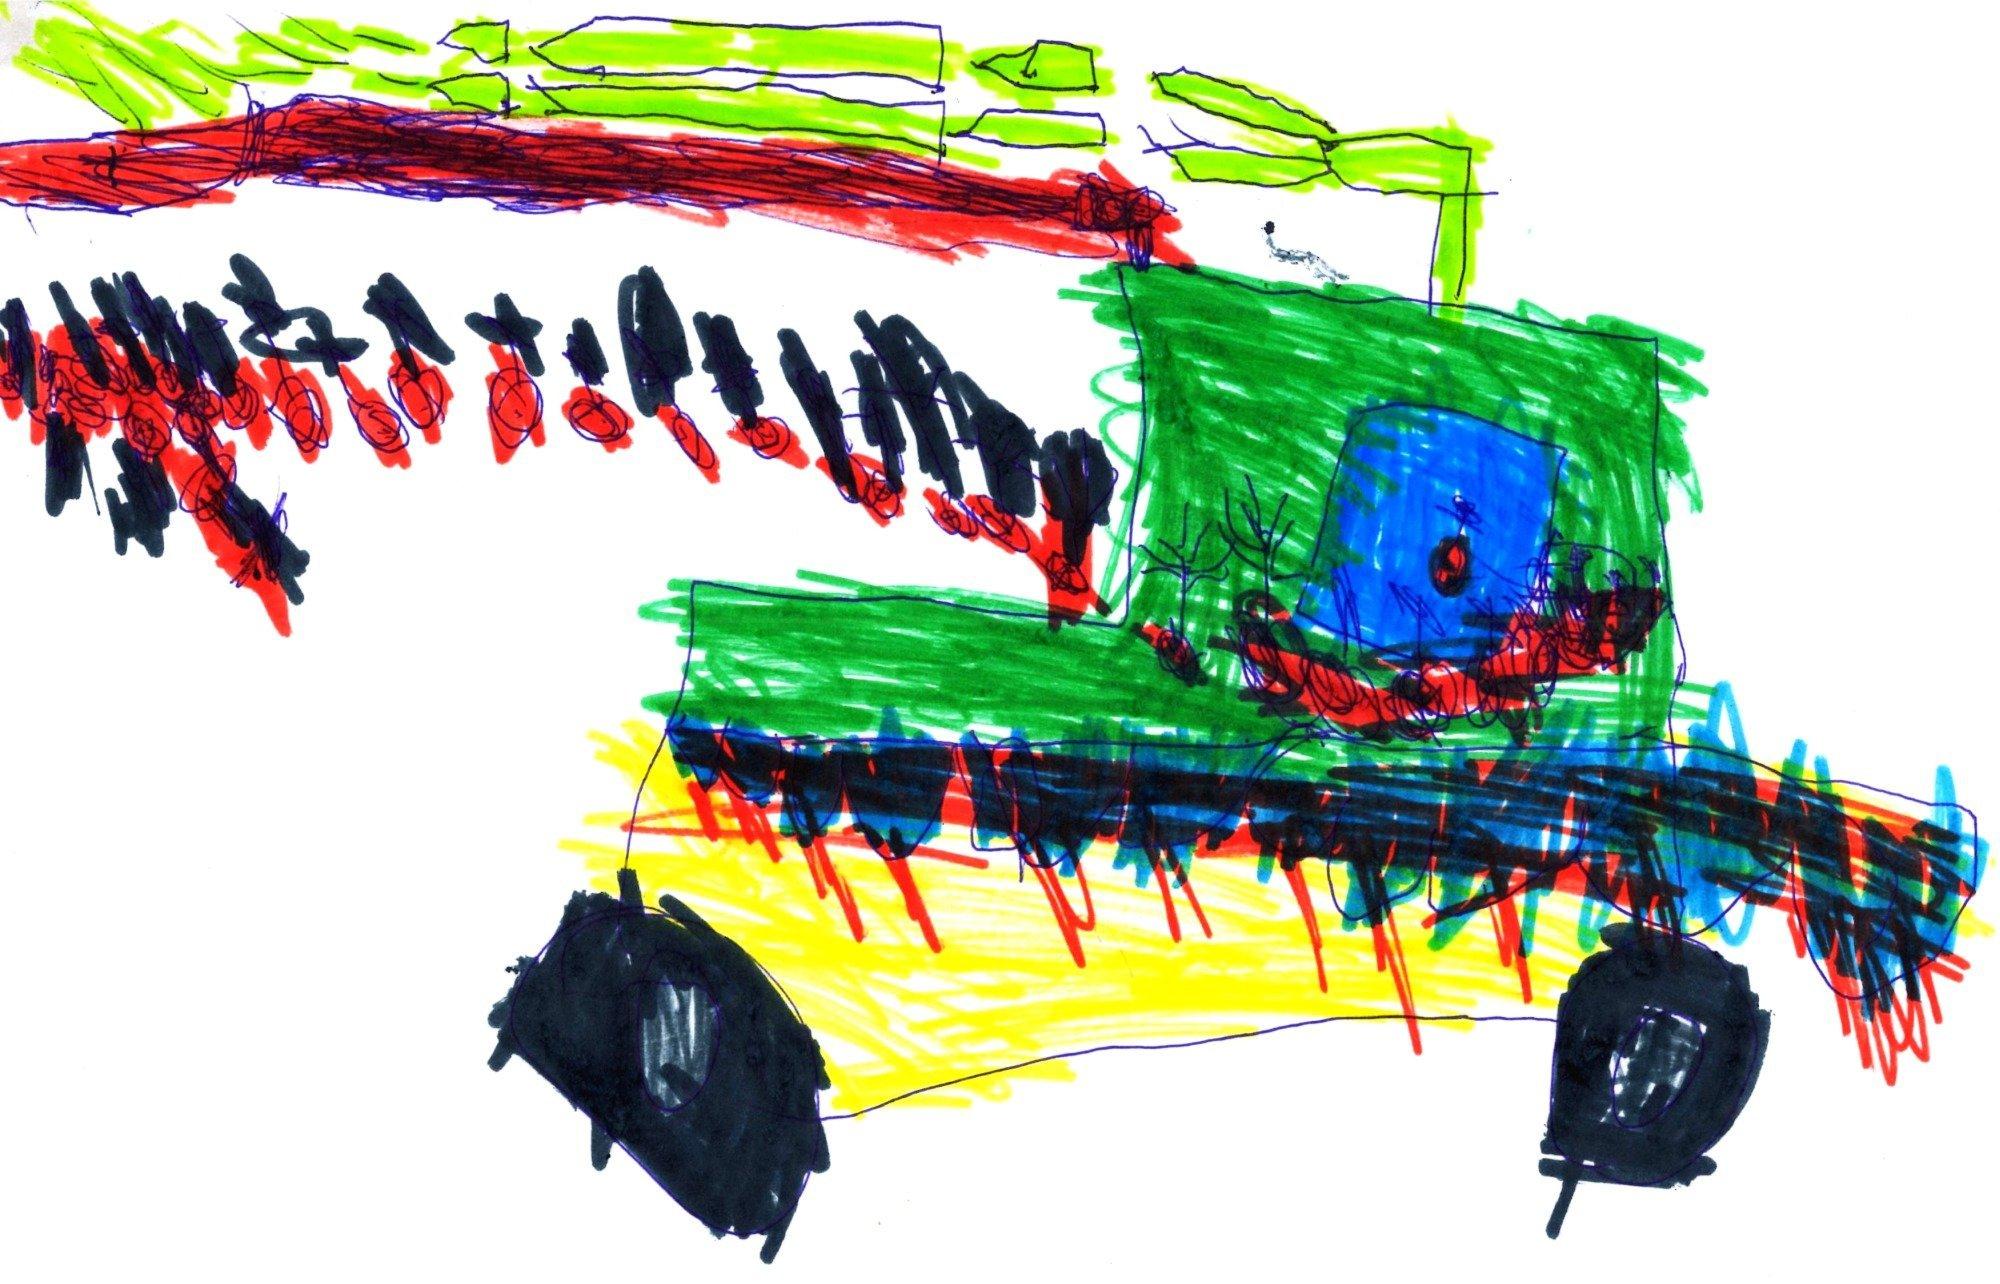 Samochód latający- rzucający bombami i strzelający strzałami